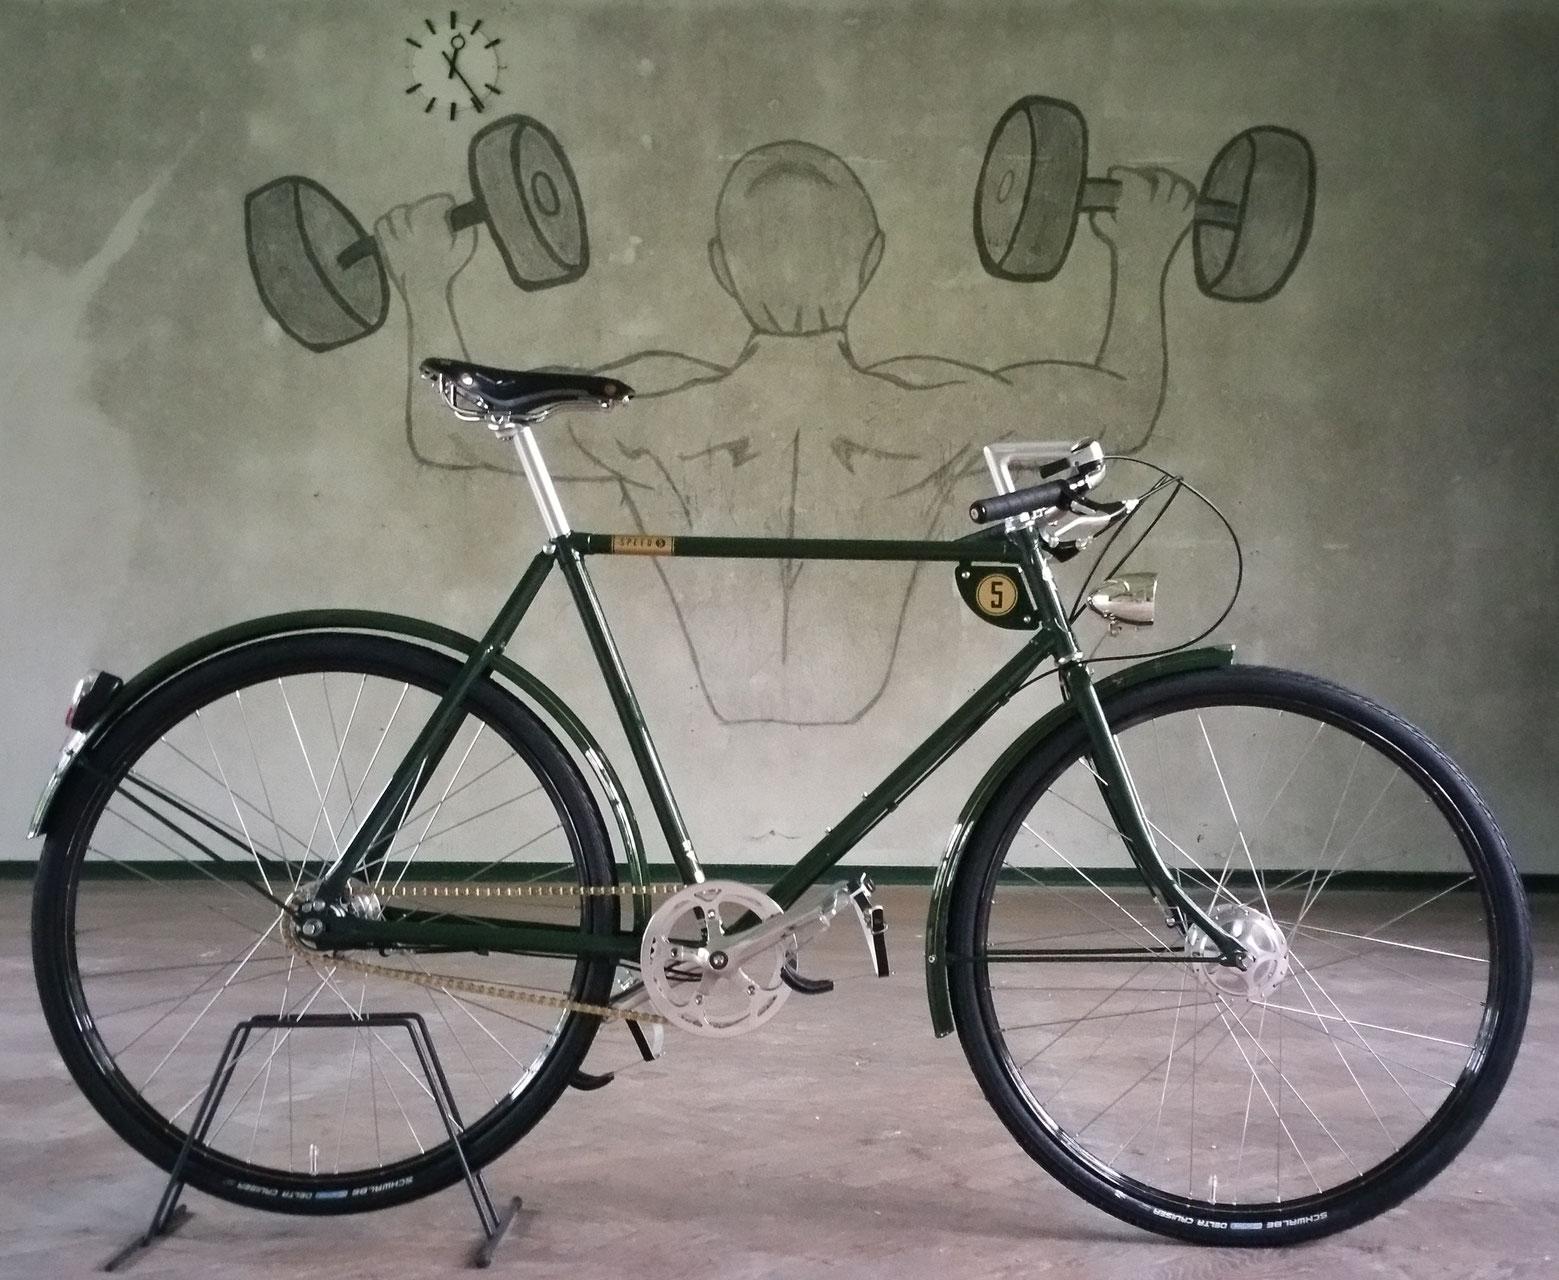 ACCESSOIRES - Pashley Bikes